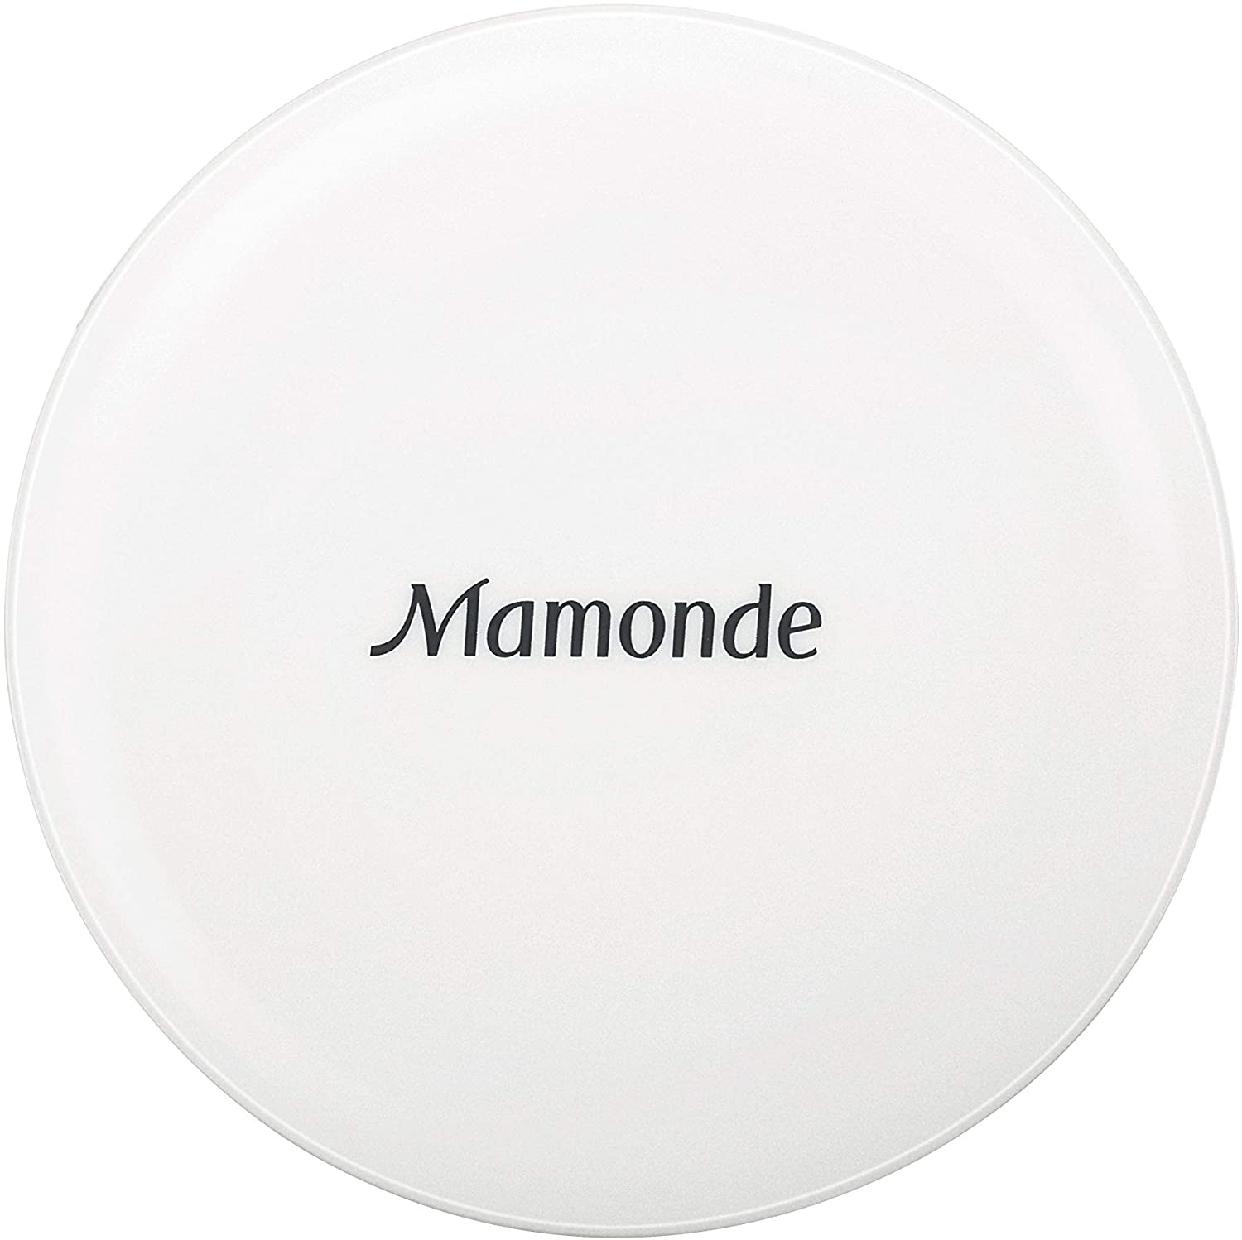 Mamonde(マモンド) コットンベールパウダーの商品画像